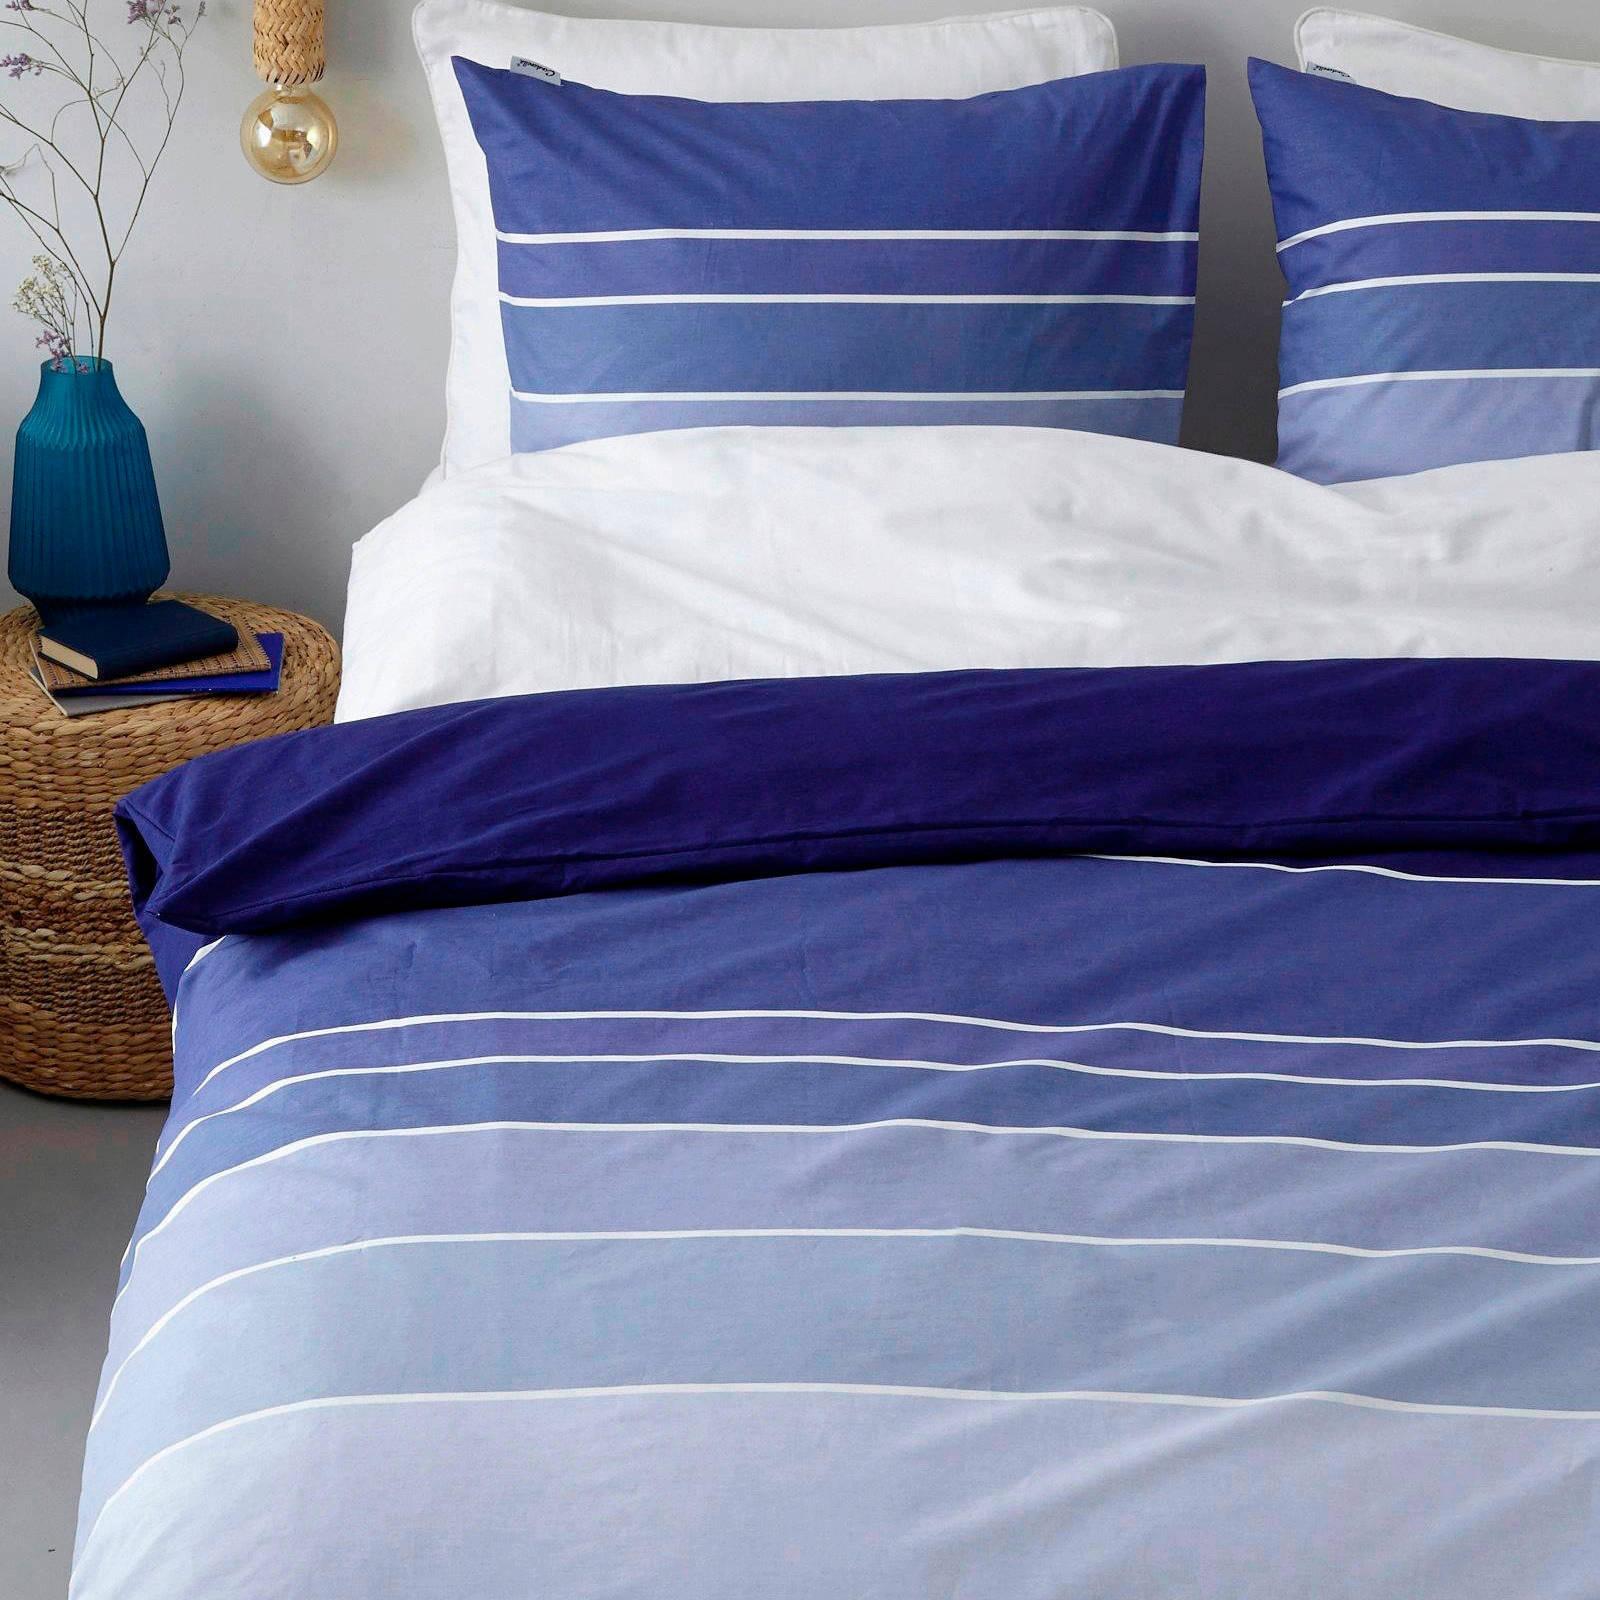 cinderella katoenen dekbedovertrek 1 persoons blauw